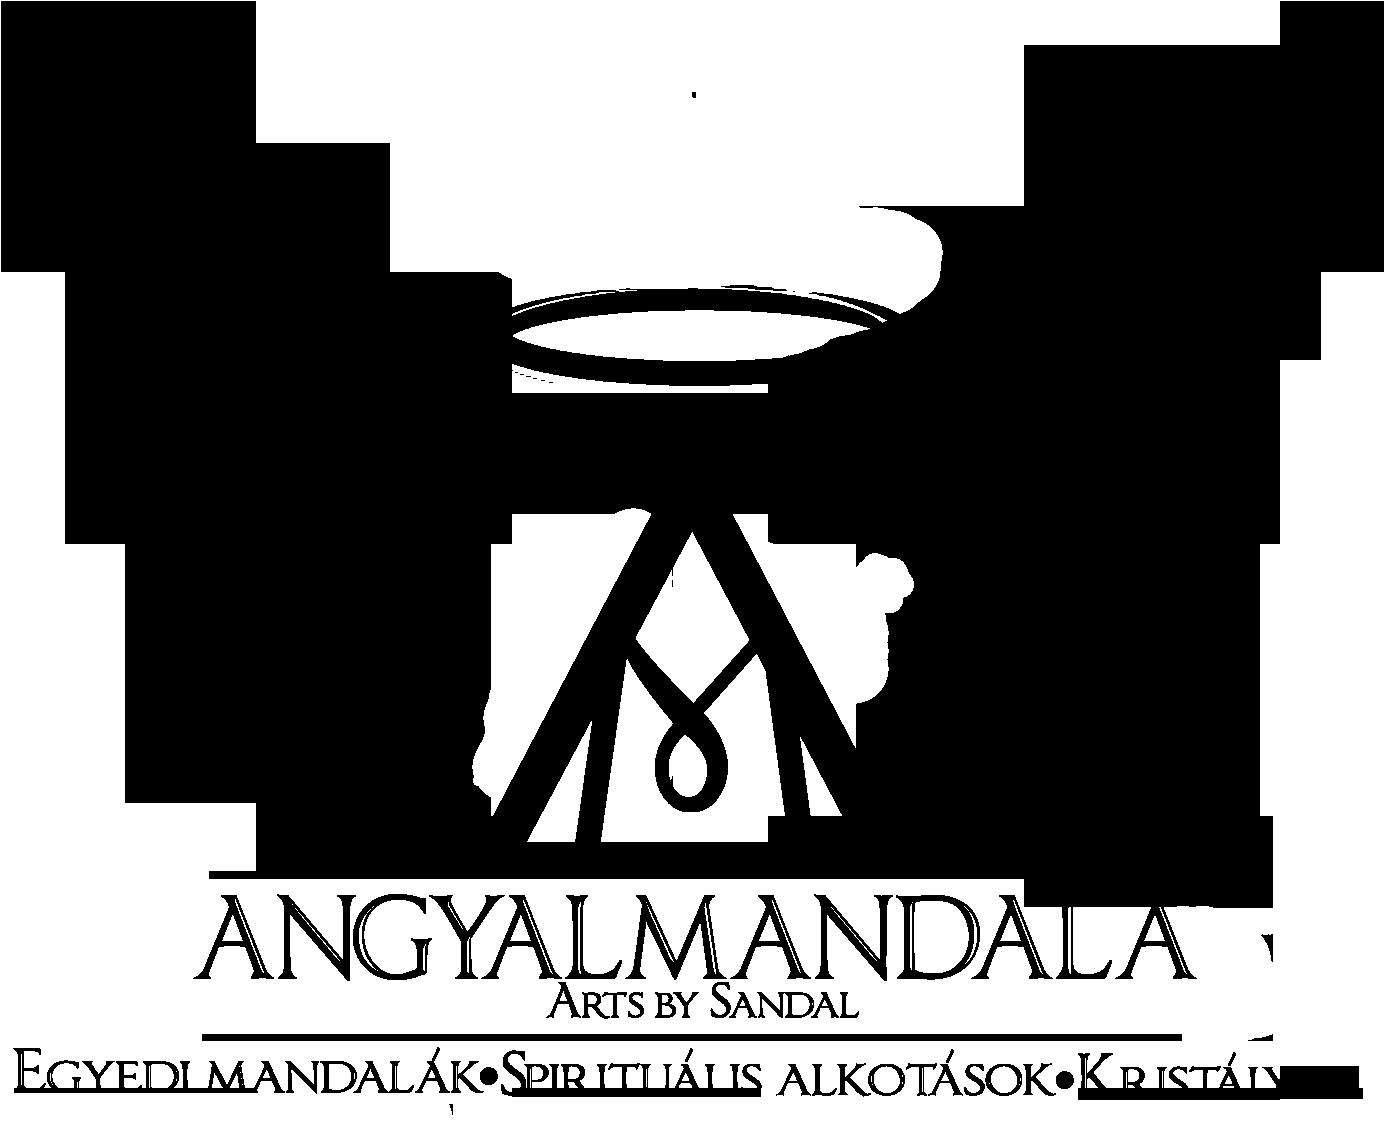 Angyalmandala